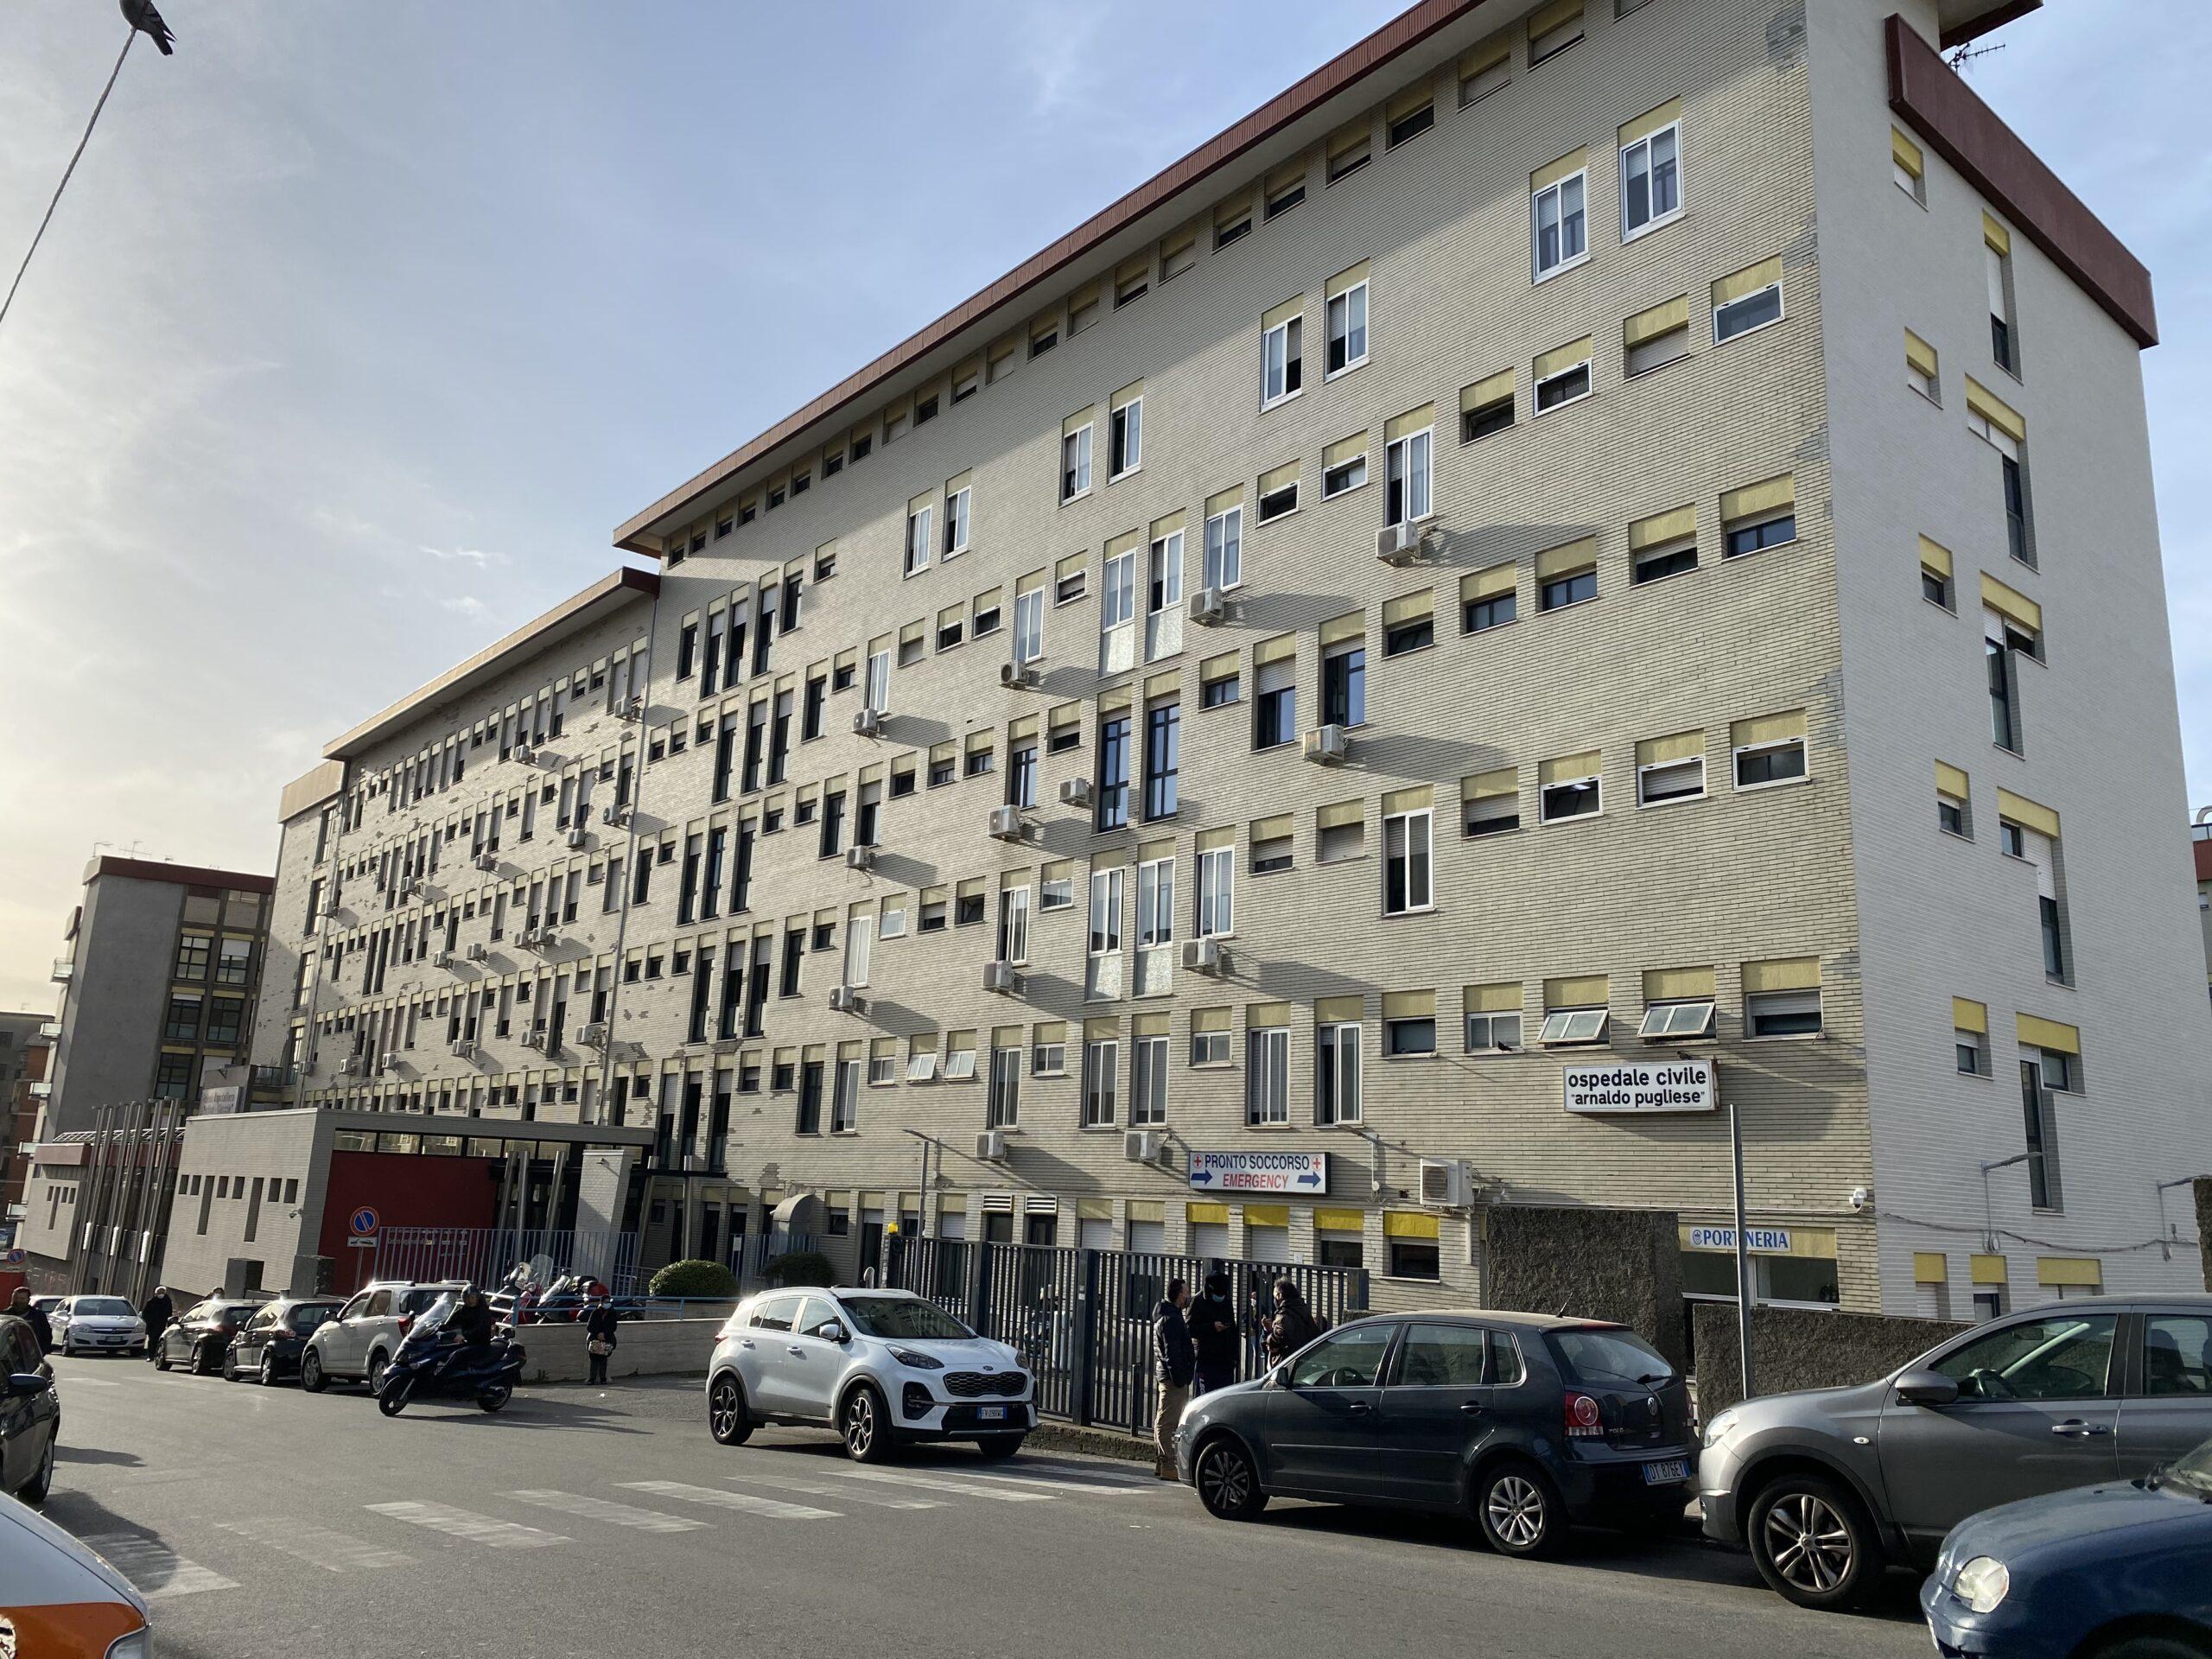 В Италии сотрудник больницы 15 лет не ходил на работу, получая зарплату.Вокруг Света. Украина